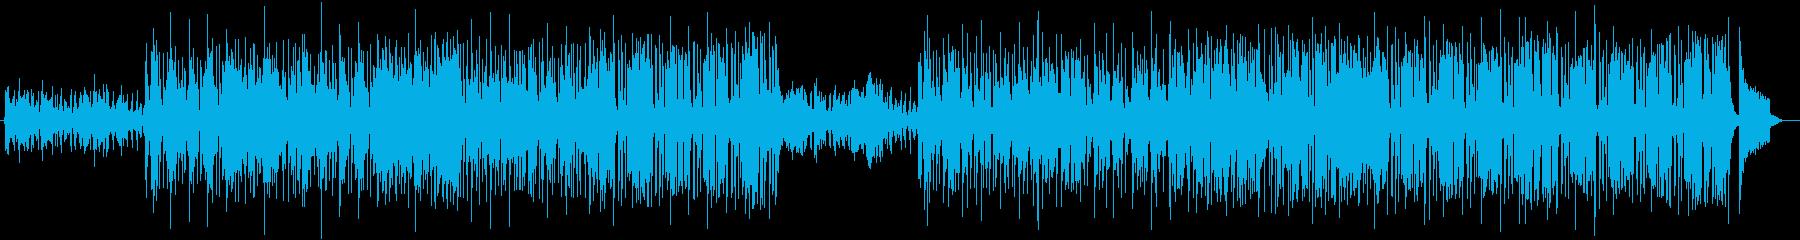 軽やかな疾走感のあるポップミュージックの再生済みの波形